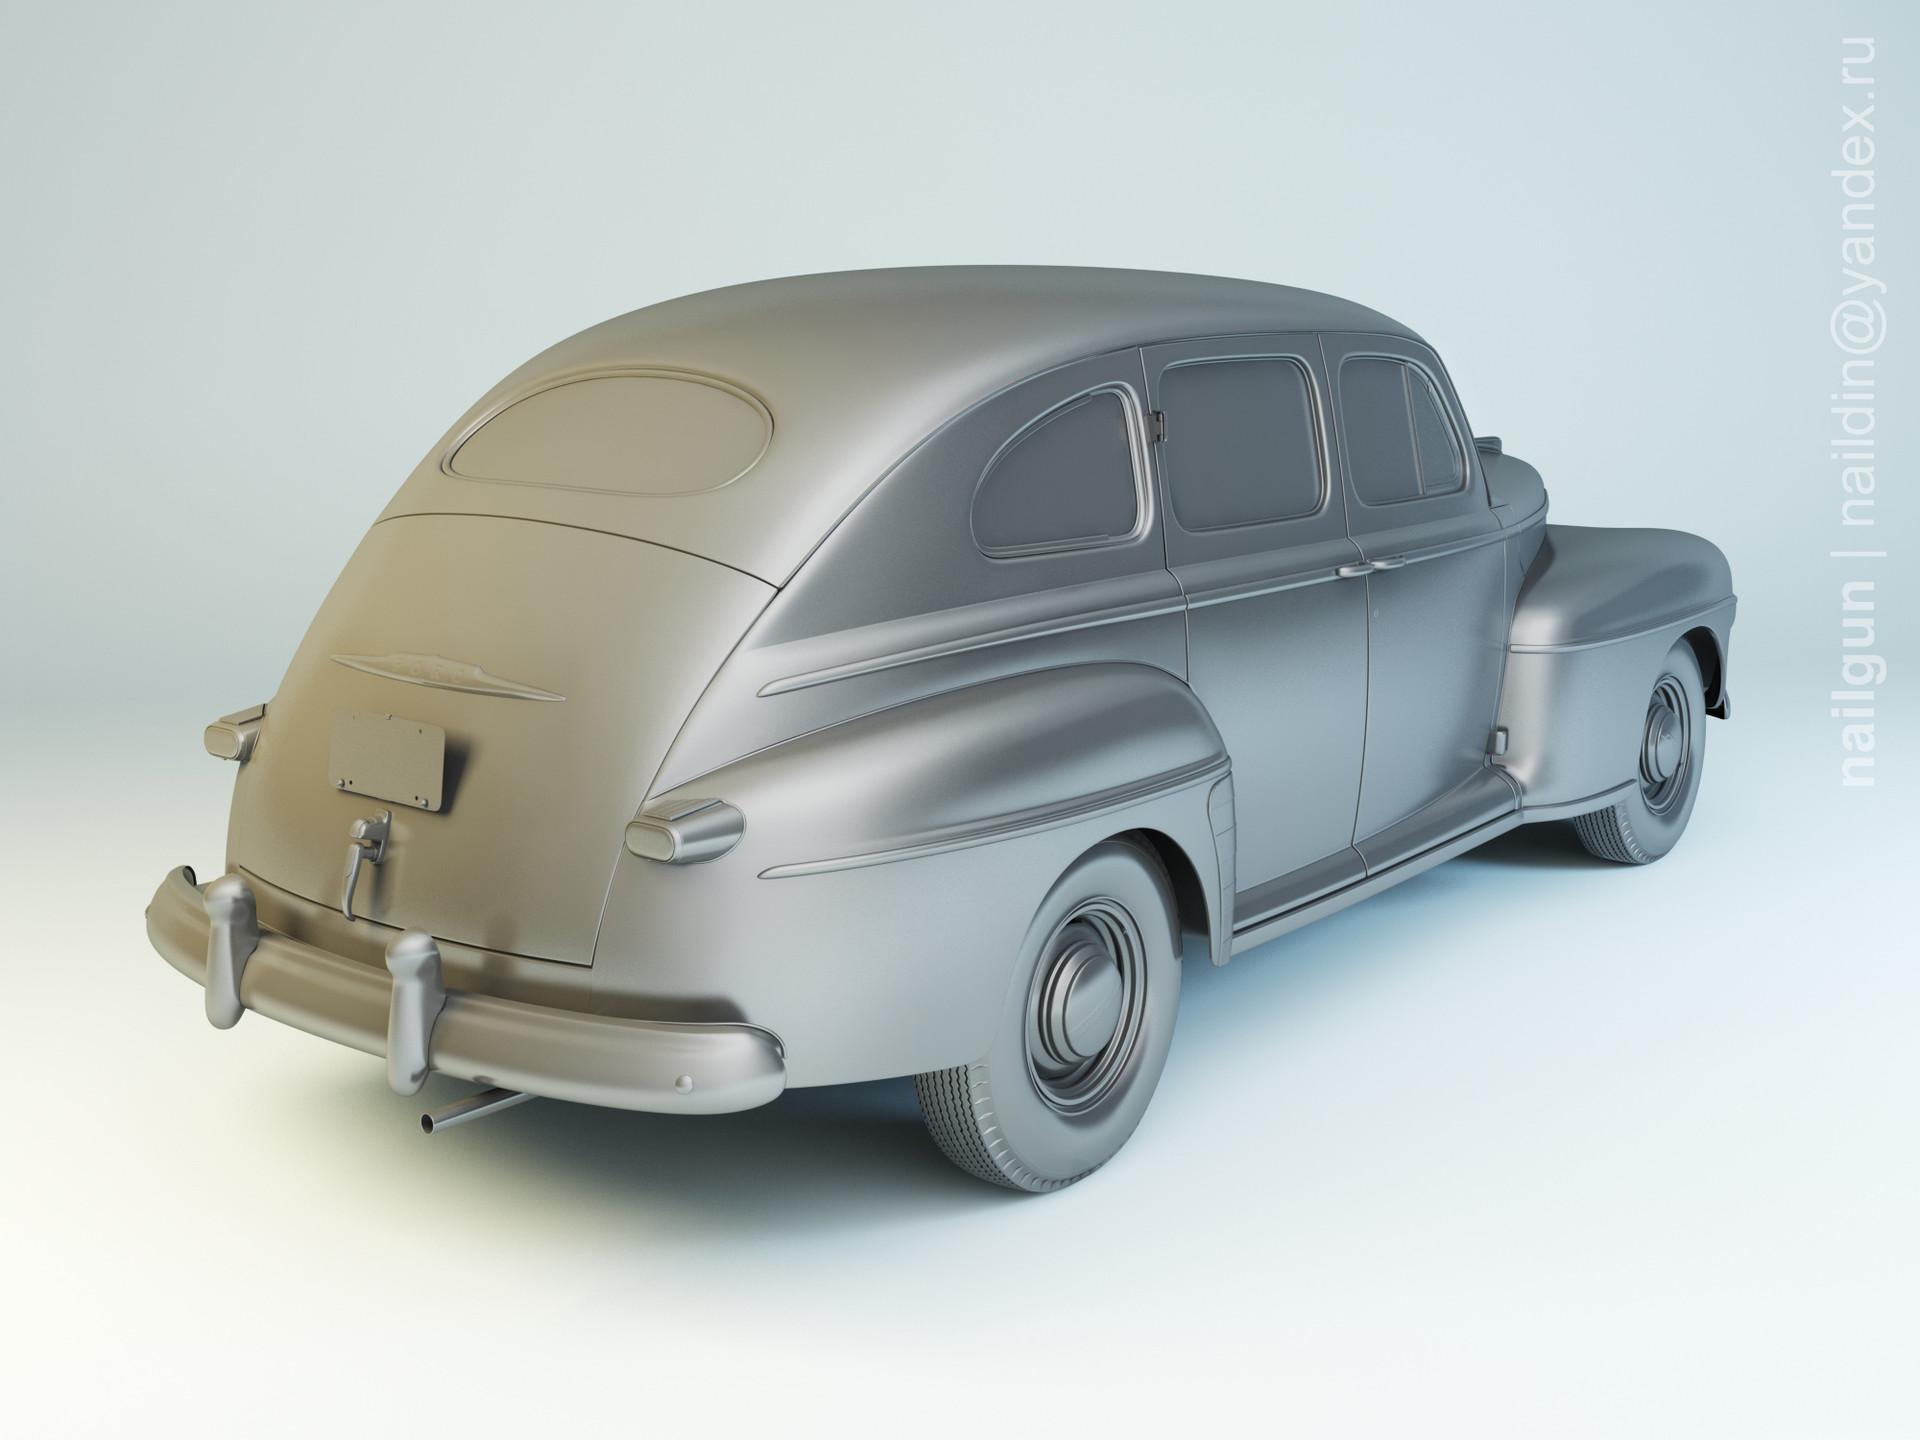 Nail khusnutdinov pwc 050 004 ford fordor modelling 1